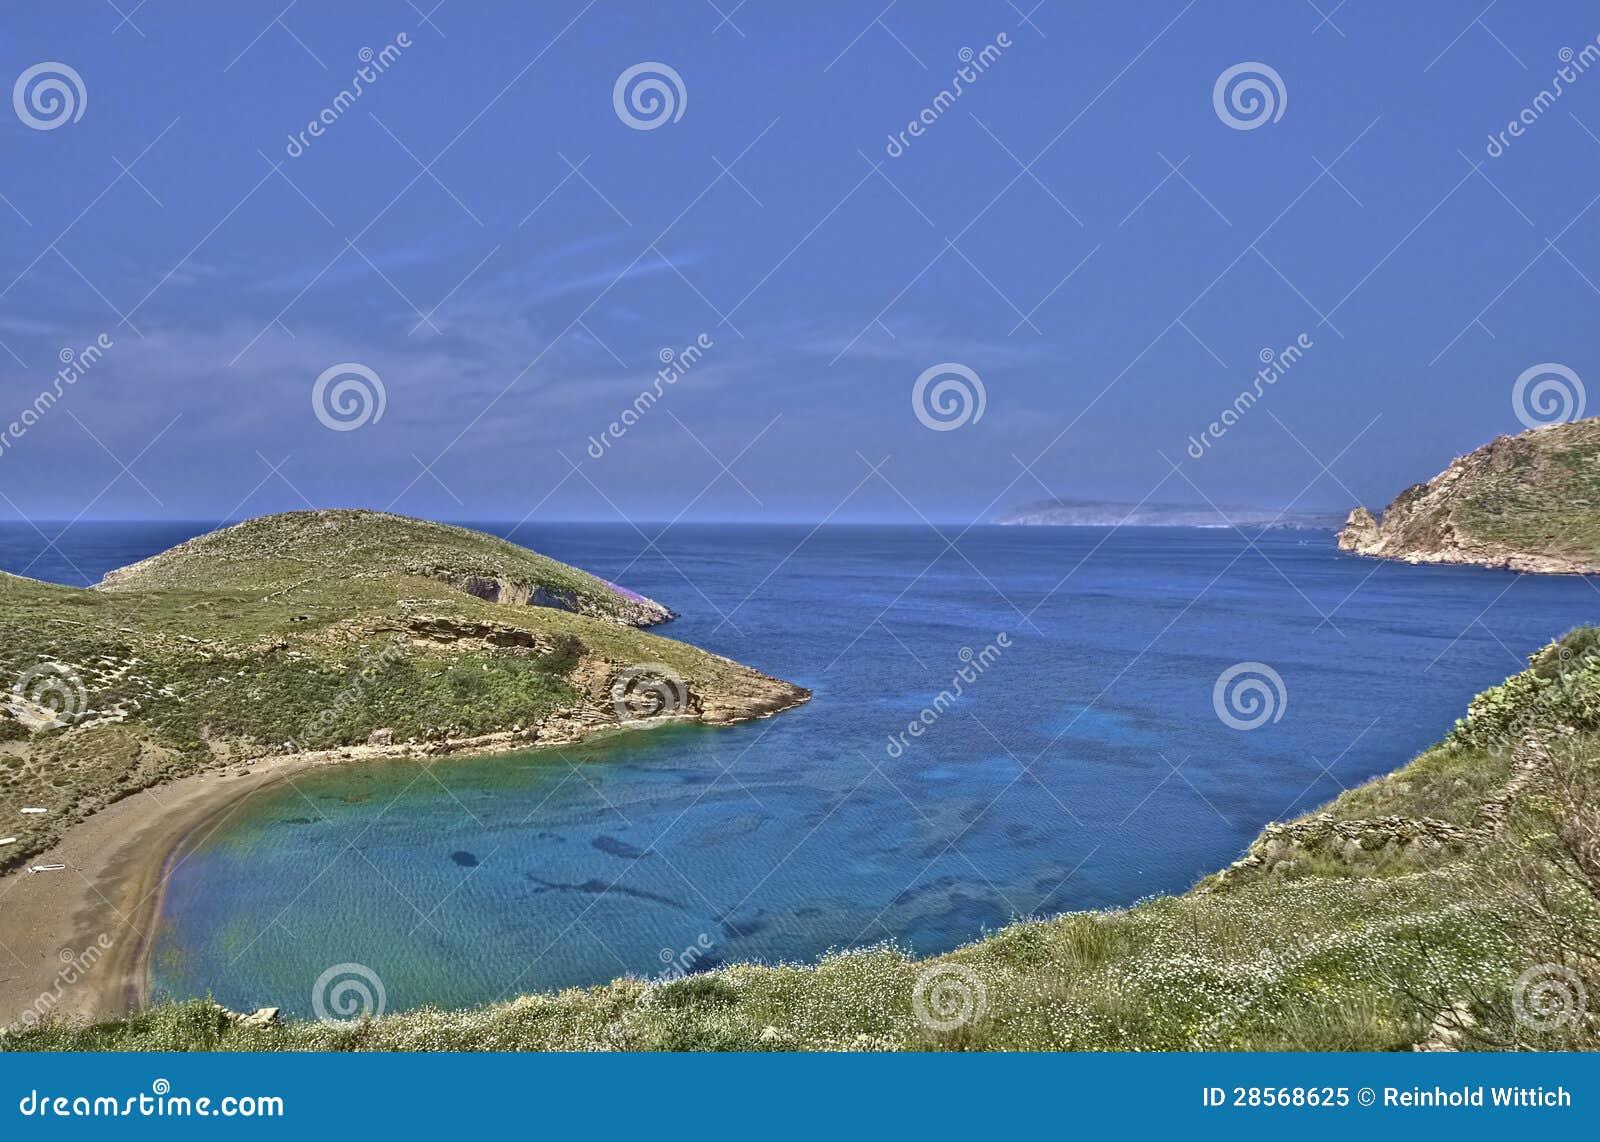 Mani Bay